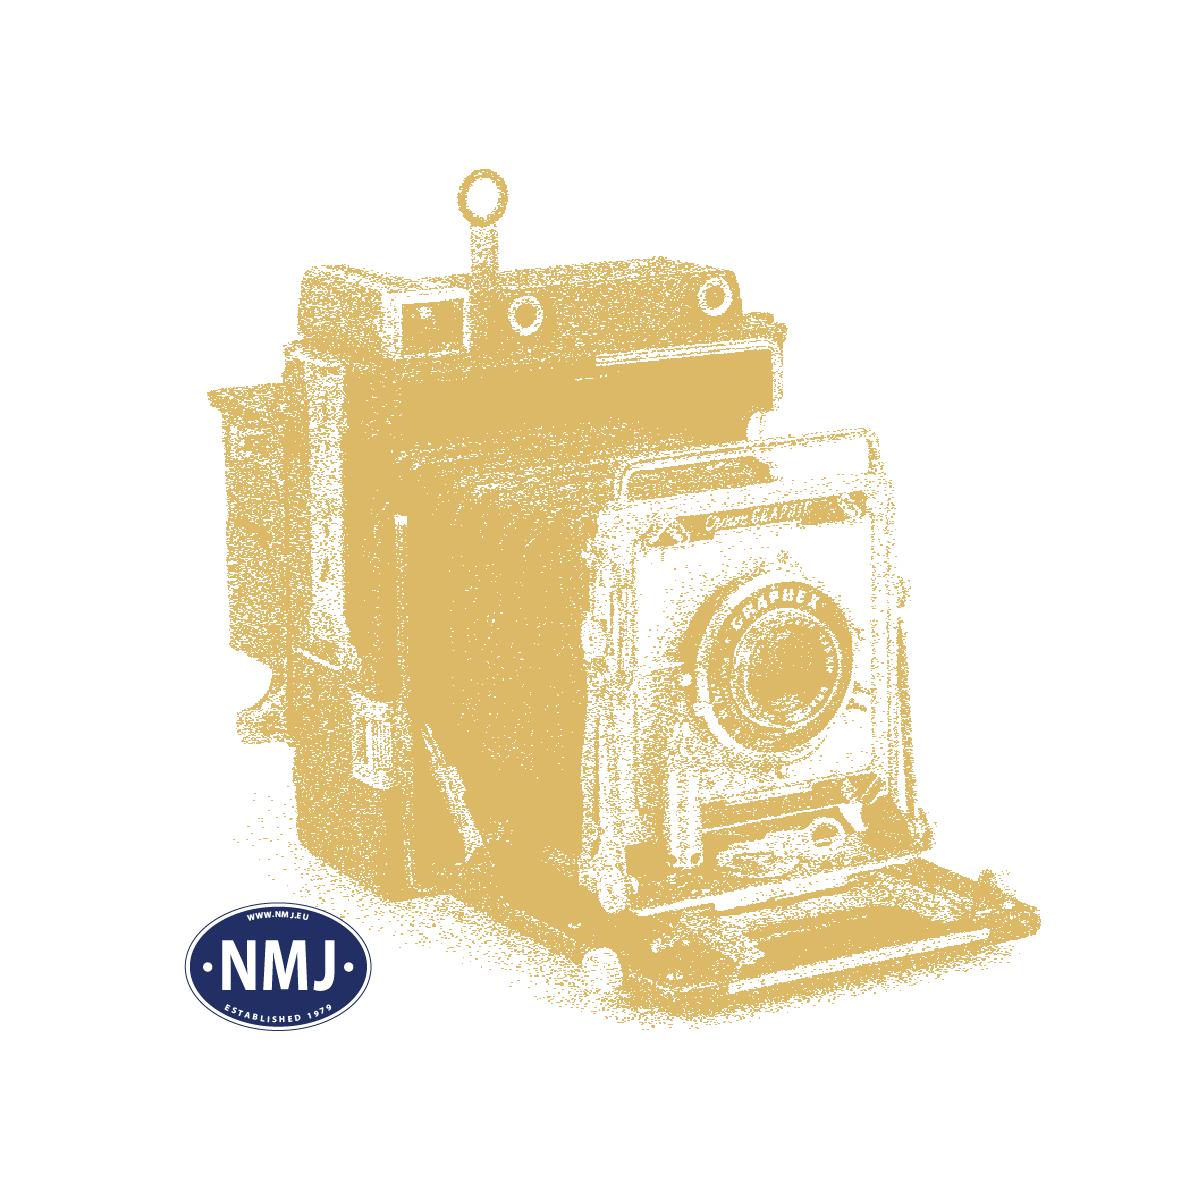 NMJT101.303 - NMJ Topline WLABK 21079 Schlafwagen der NSB, rot